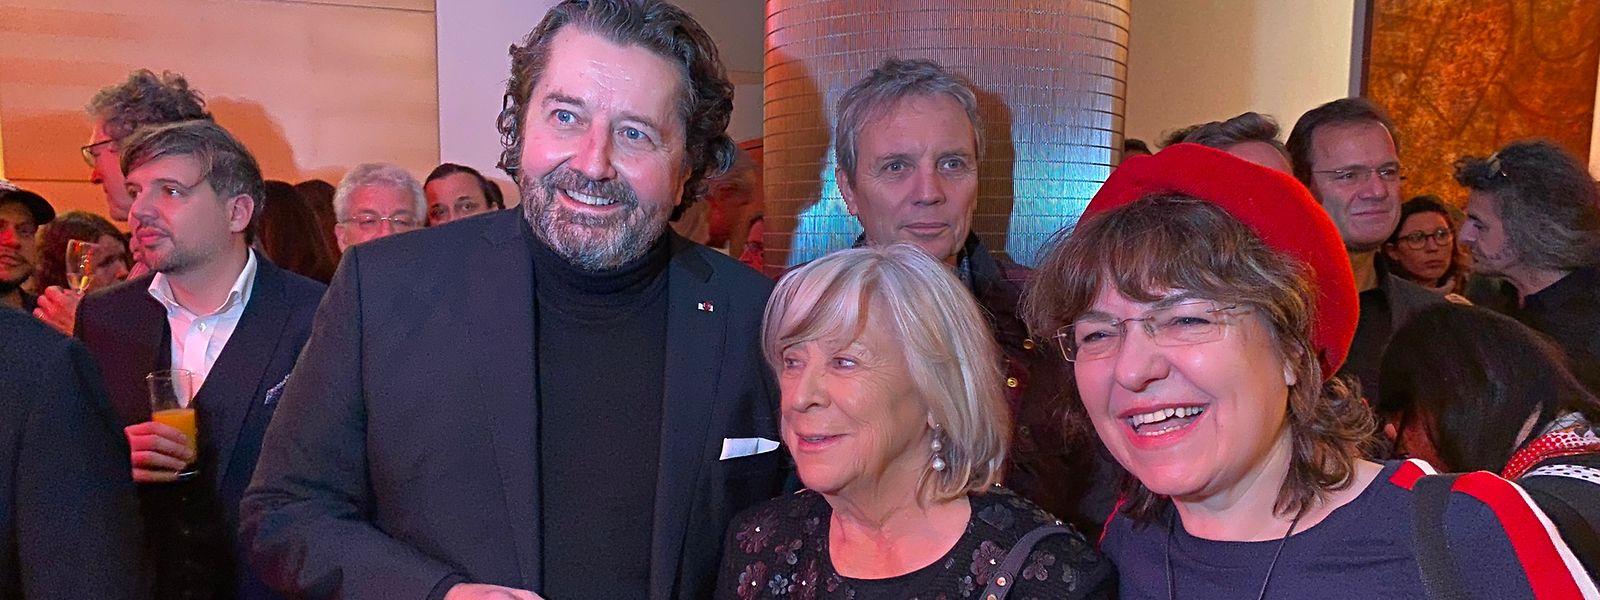 Posieren für die Kameras: Fim Fund Direktor Guy Daleiden(r.) gegrüßt die deutsche Regisseurin Margarethe von Trotta (M.), die mit der Luxemburger Produzentin Bady Minck (r.) einen Film zum Leben der österreichischen Lyrikerin Ingeborg Bachmann machen will.